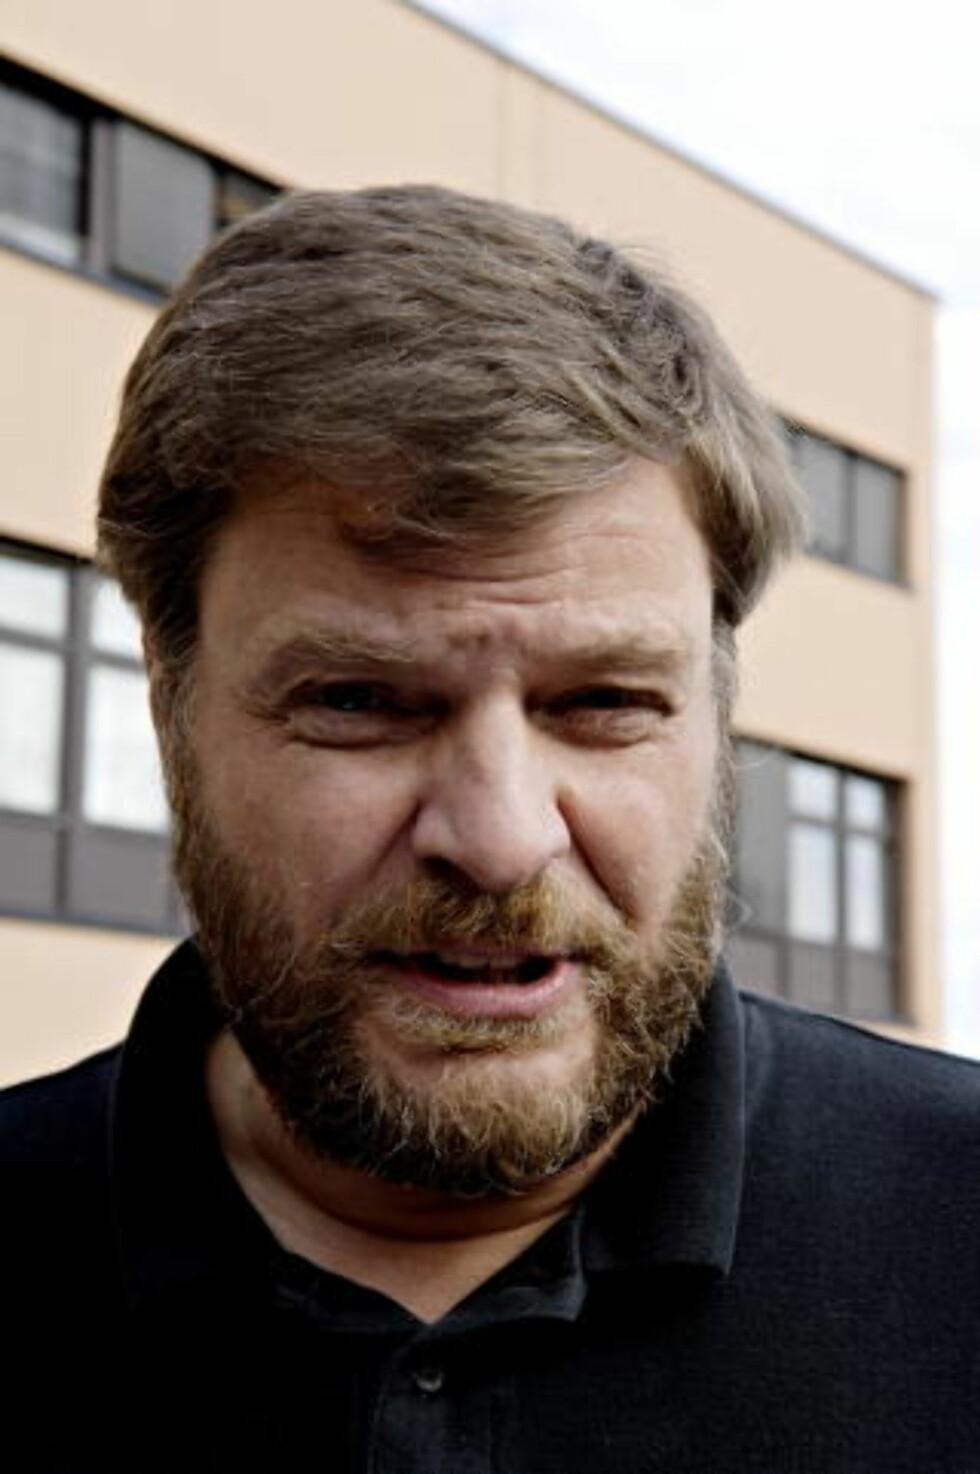 TRYGG VAKSINE: Avdelingsoverlege Steinar Madsen Madsen i Statens legemiddelverk understreker at svineinfluensavaksinen er trygg, og at den har få bivirkninger. - Av nær en million vaksinerte har få oppgitt bivirkninger. Det er vi glad for, sier han til Dagbladet. Foto: ROBERT S. Eik / Dagbladet.